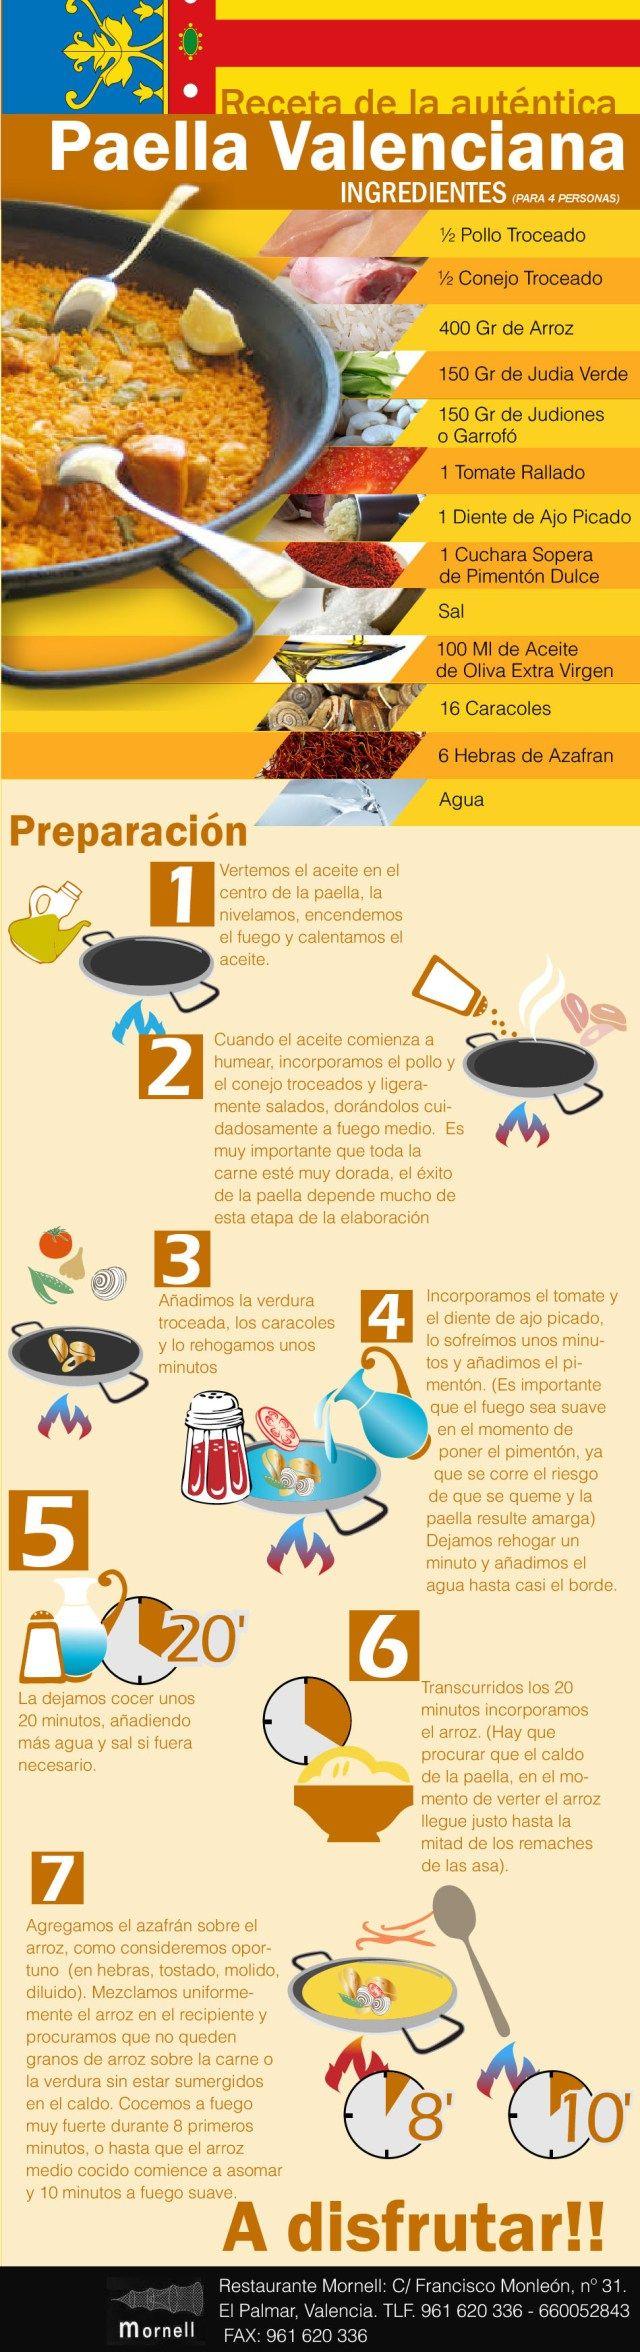 Receta de la auténtica Paella Valenciana   Desde un punto de vista tradicional la paella tiene unos ingredientes típicos y una manera de cocinarla bastante aceptada. A continuación os dejamos una infografía con los ingredientes y los pasos para elaborar la paella por excelencia, la de pollo y conejo. #Spain #Food